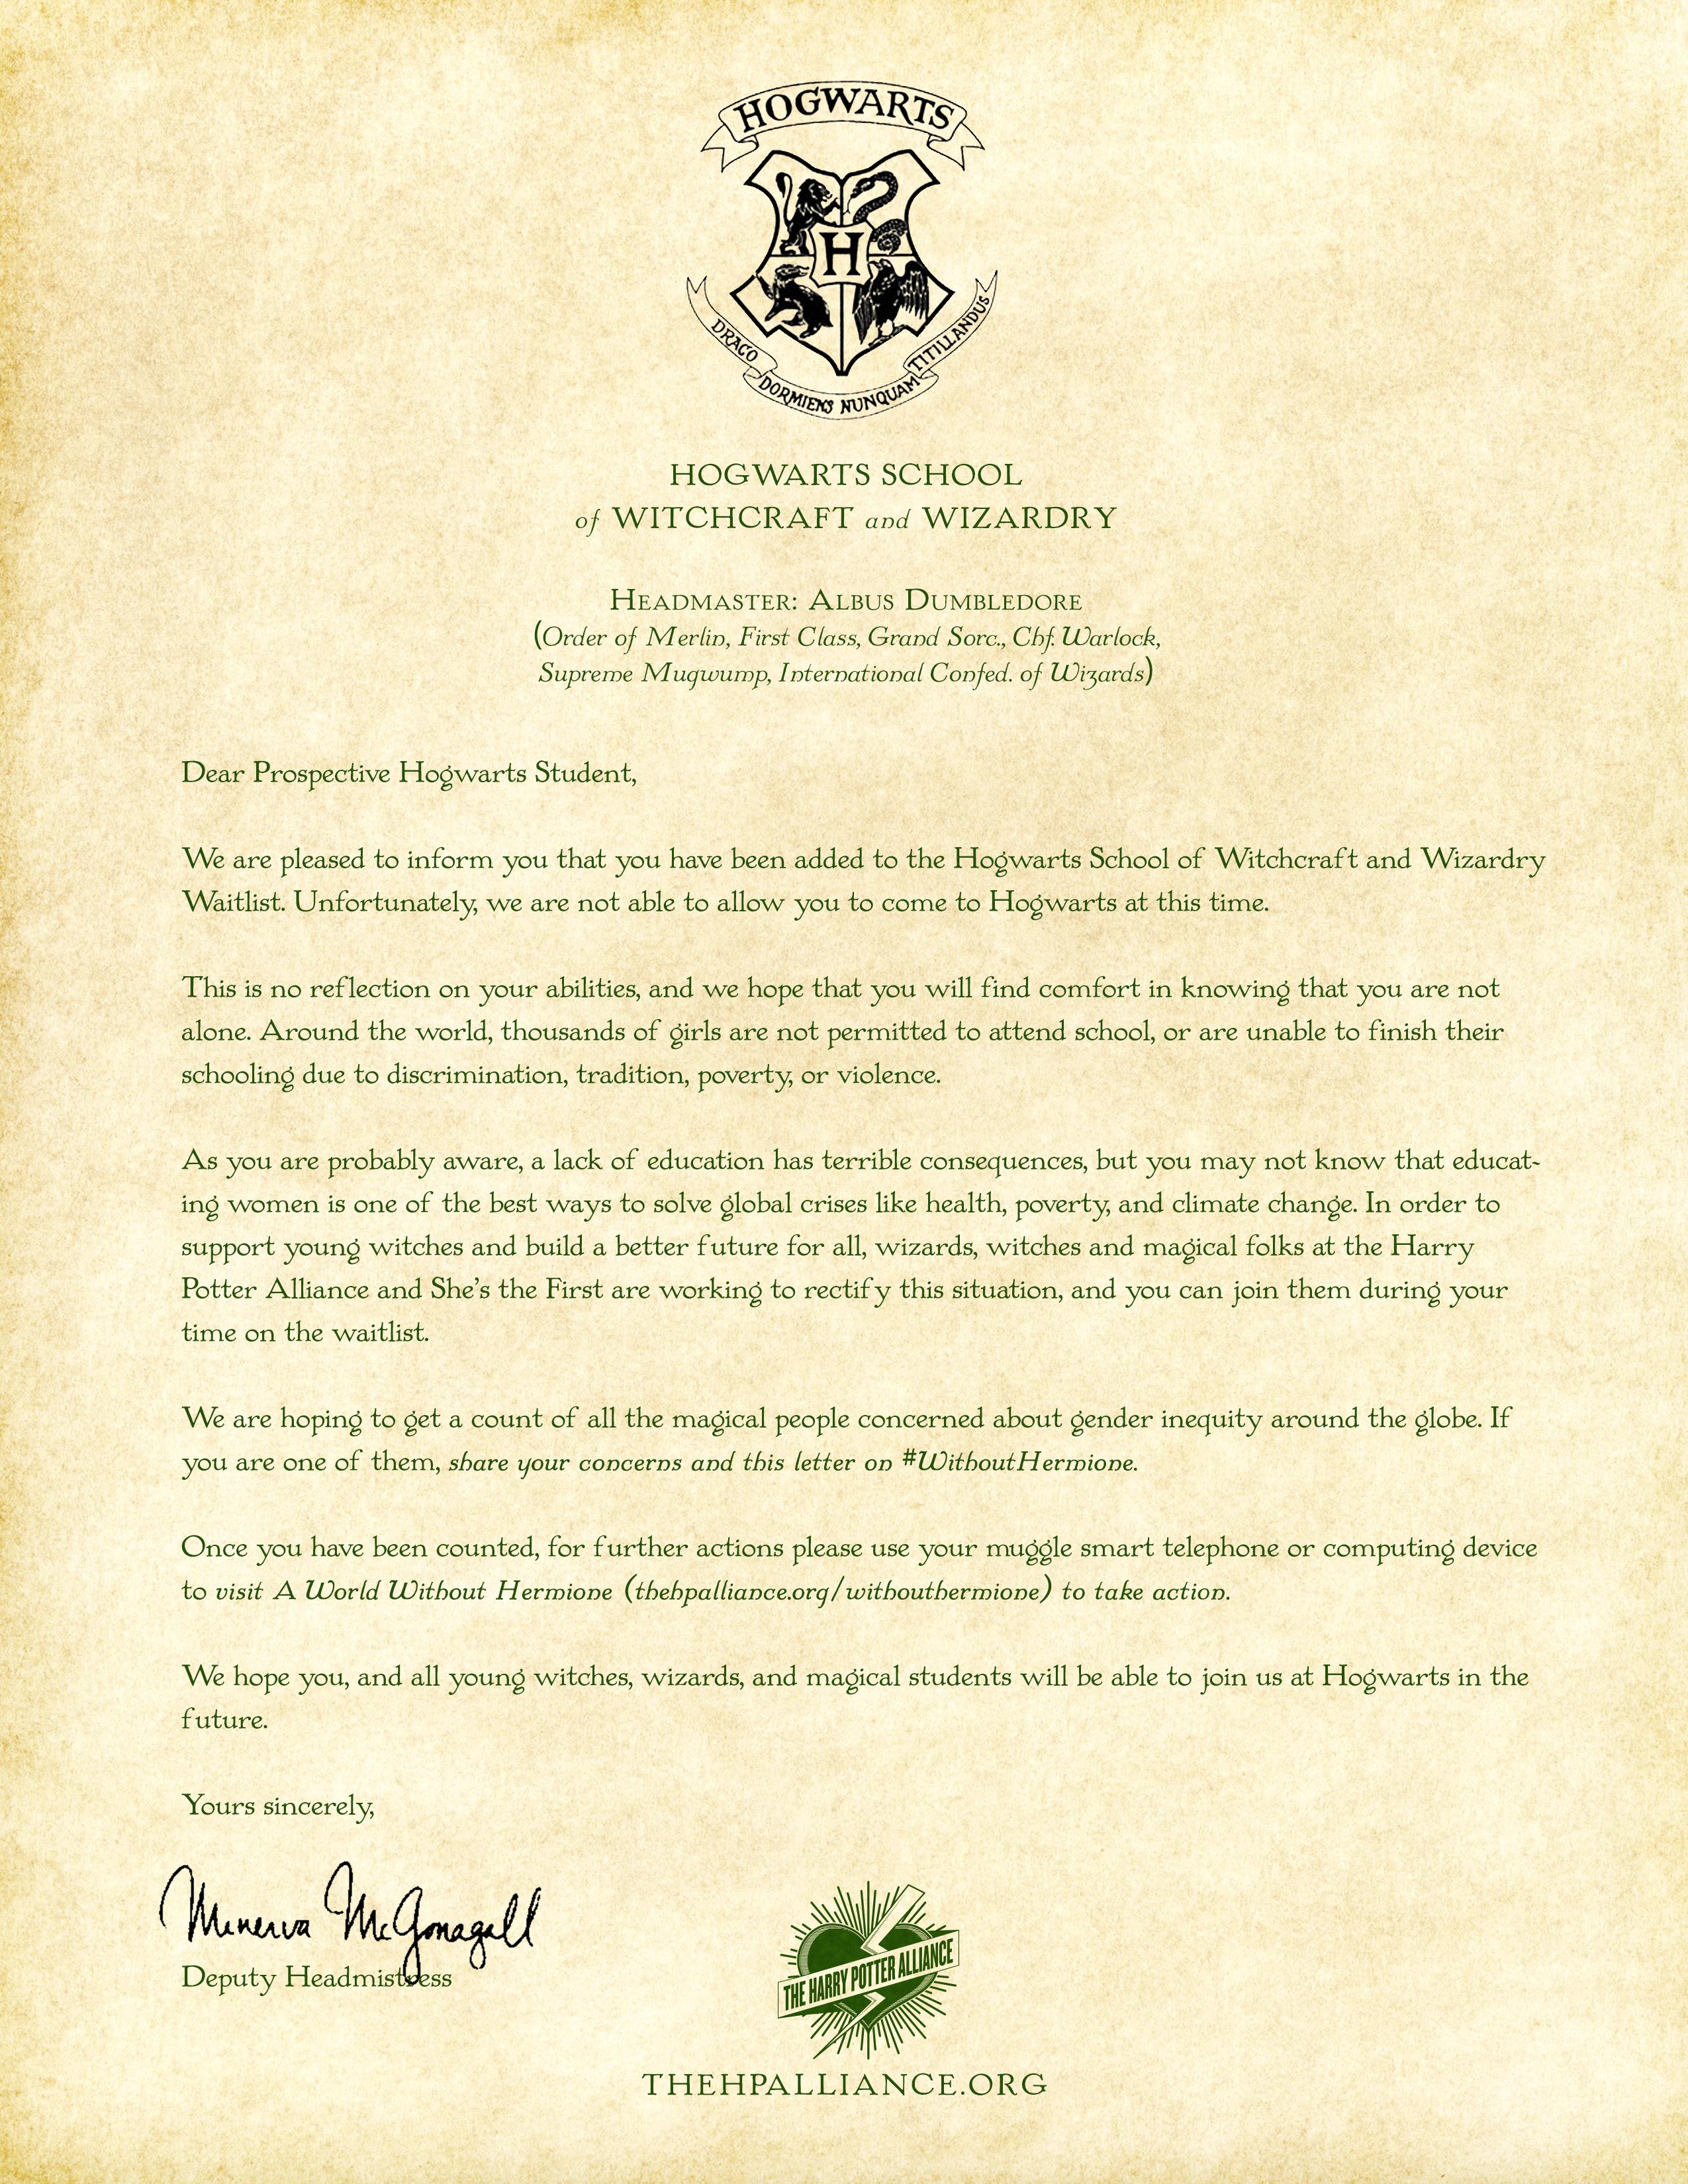 hogwarts-letter-1_(1).jpg